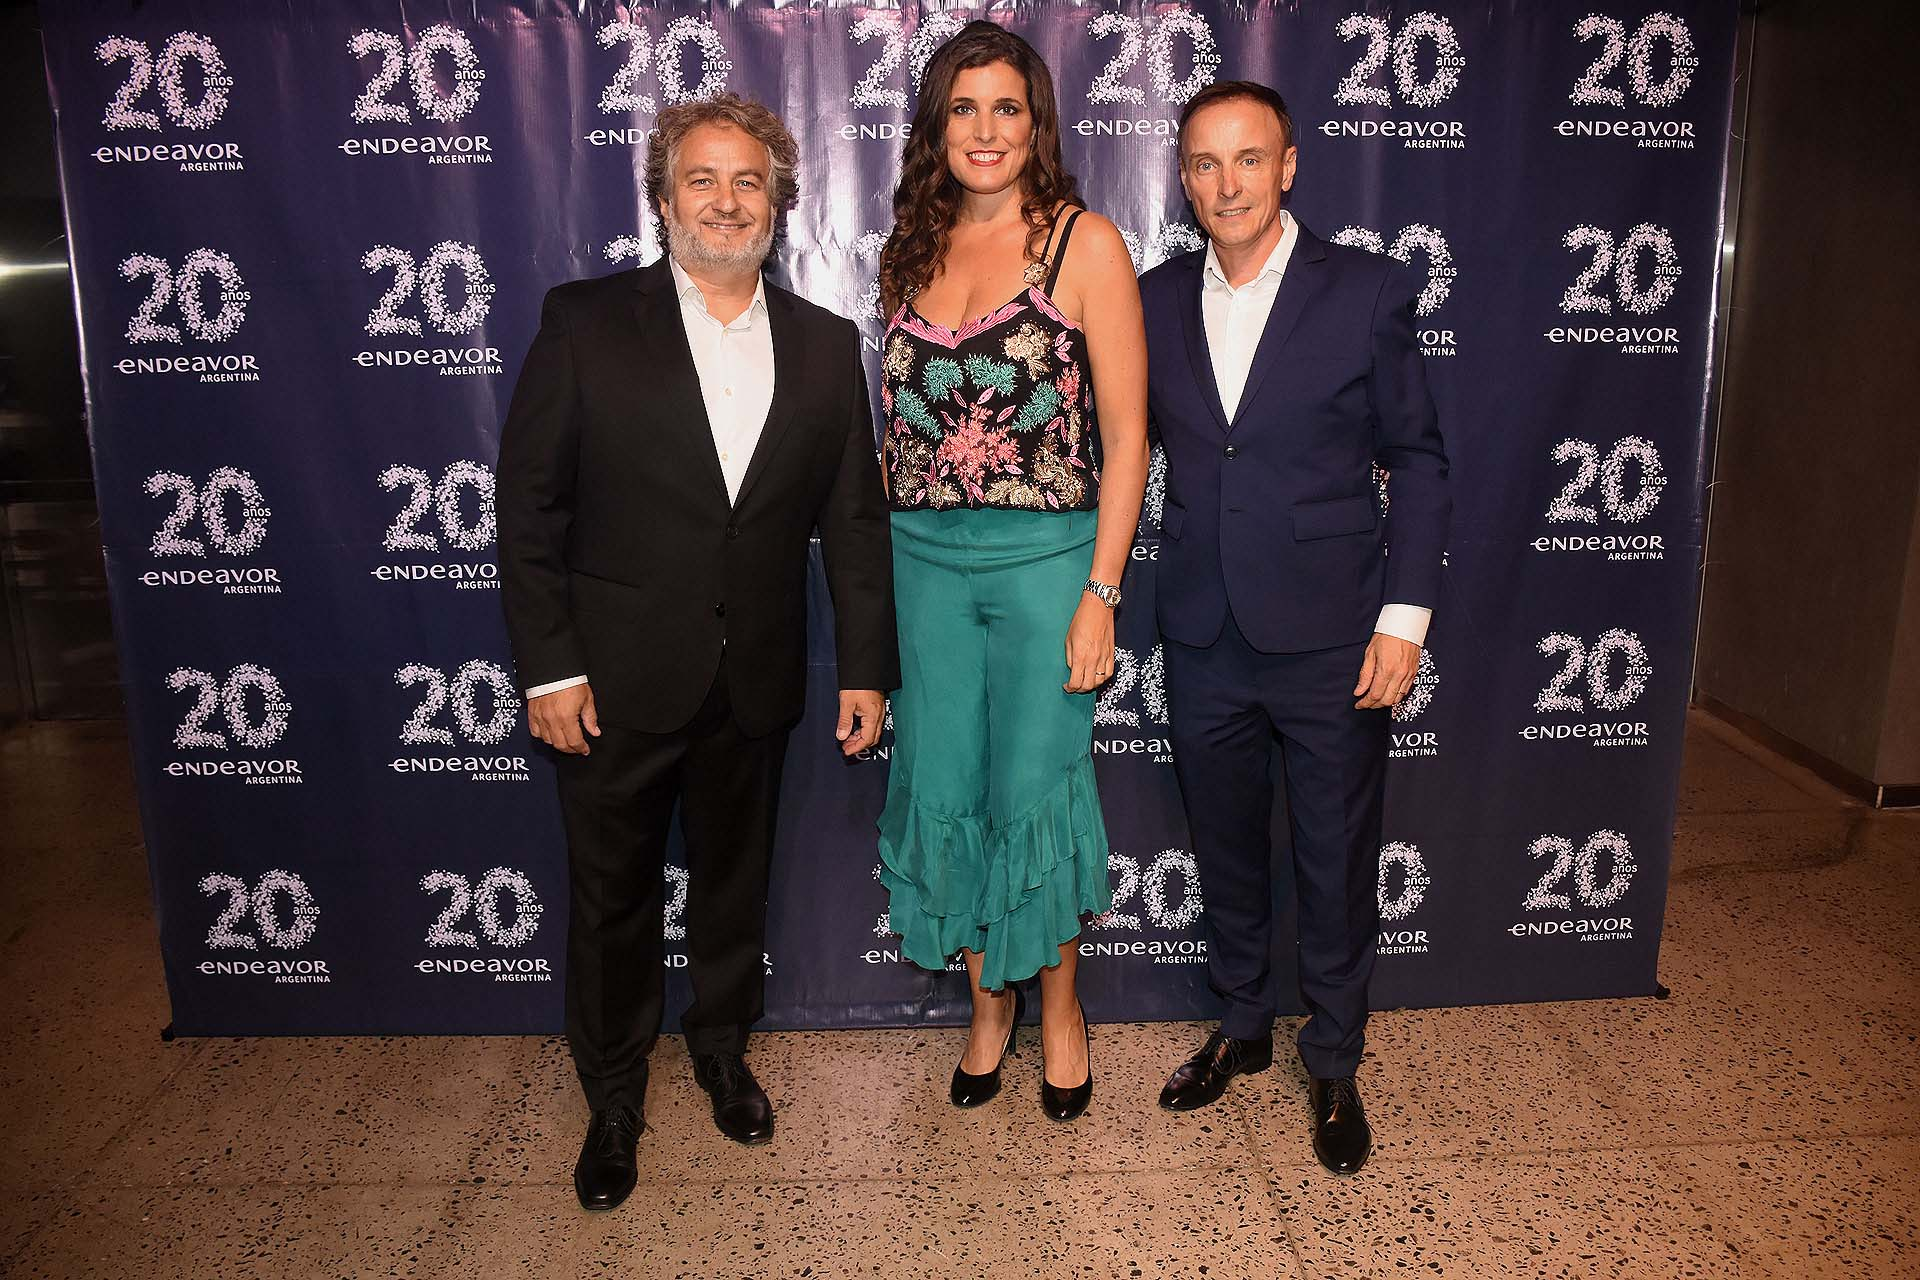 Guibert Englebienne María Julia Bearzi y Mauro Bono, fundador y CEO de Savant